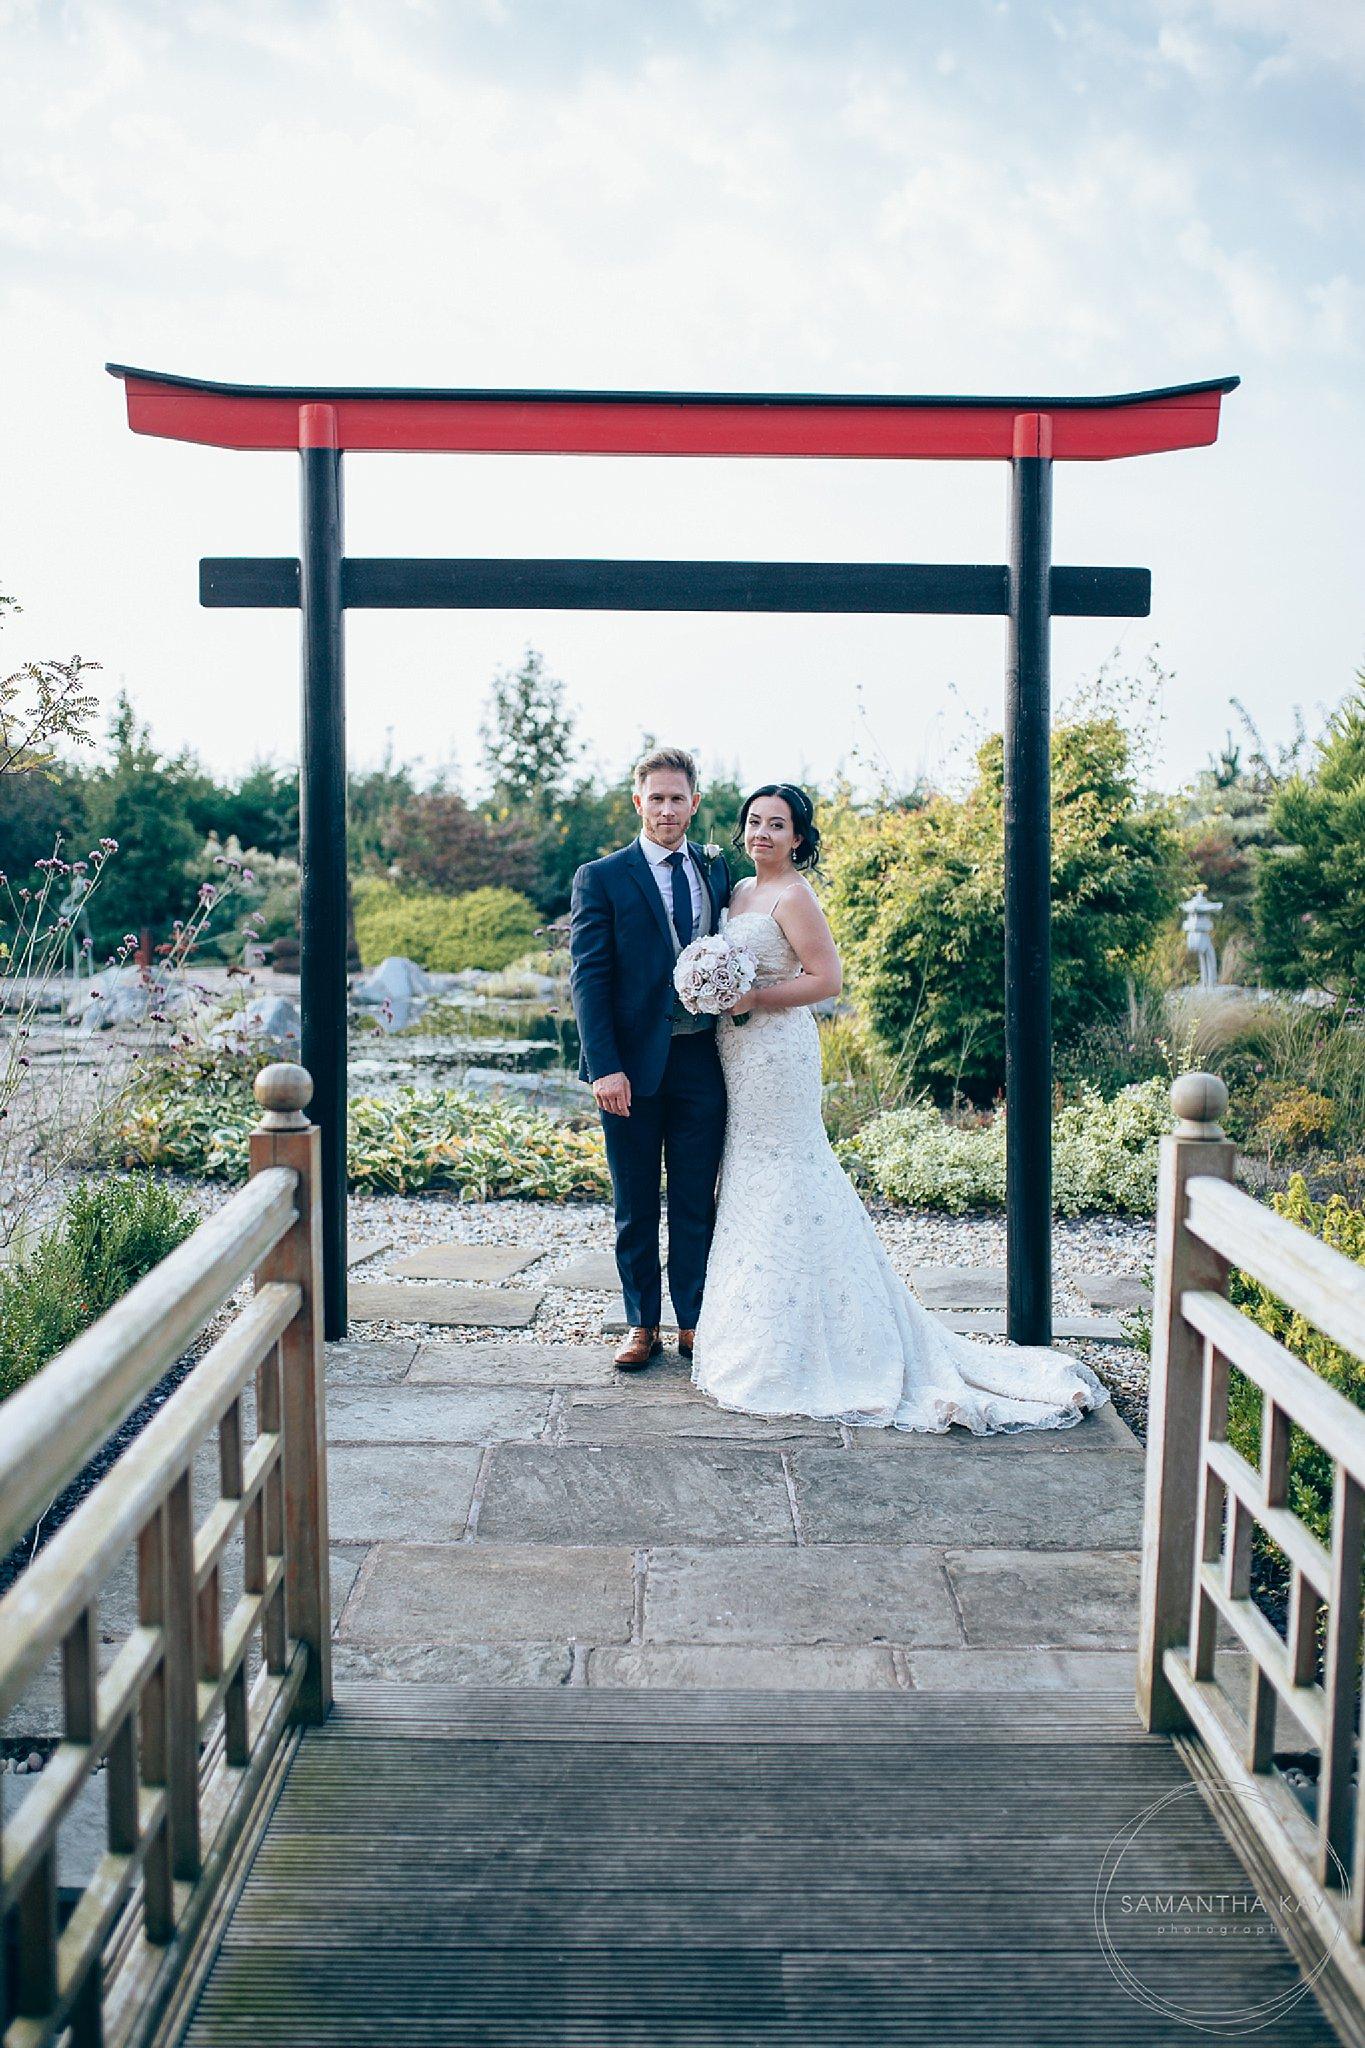 Grosvenor Pulford wedding venue